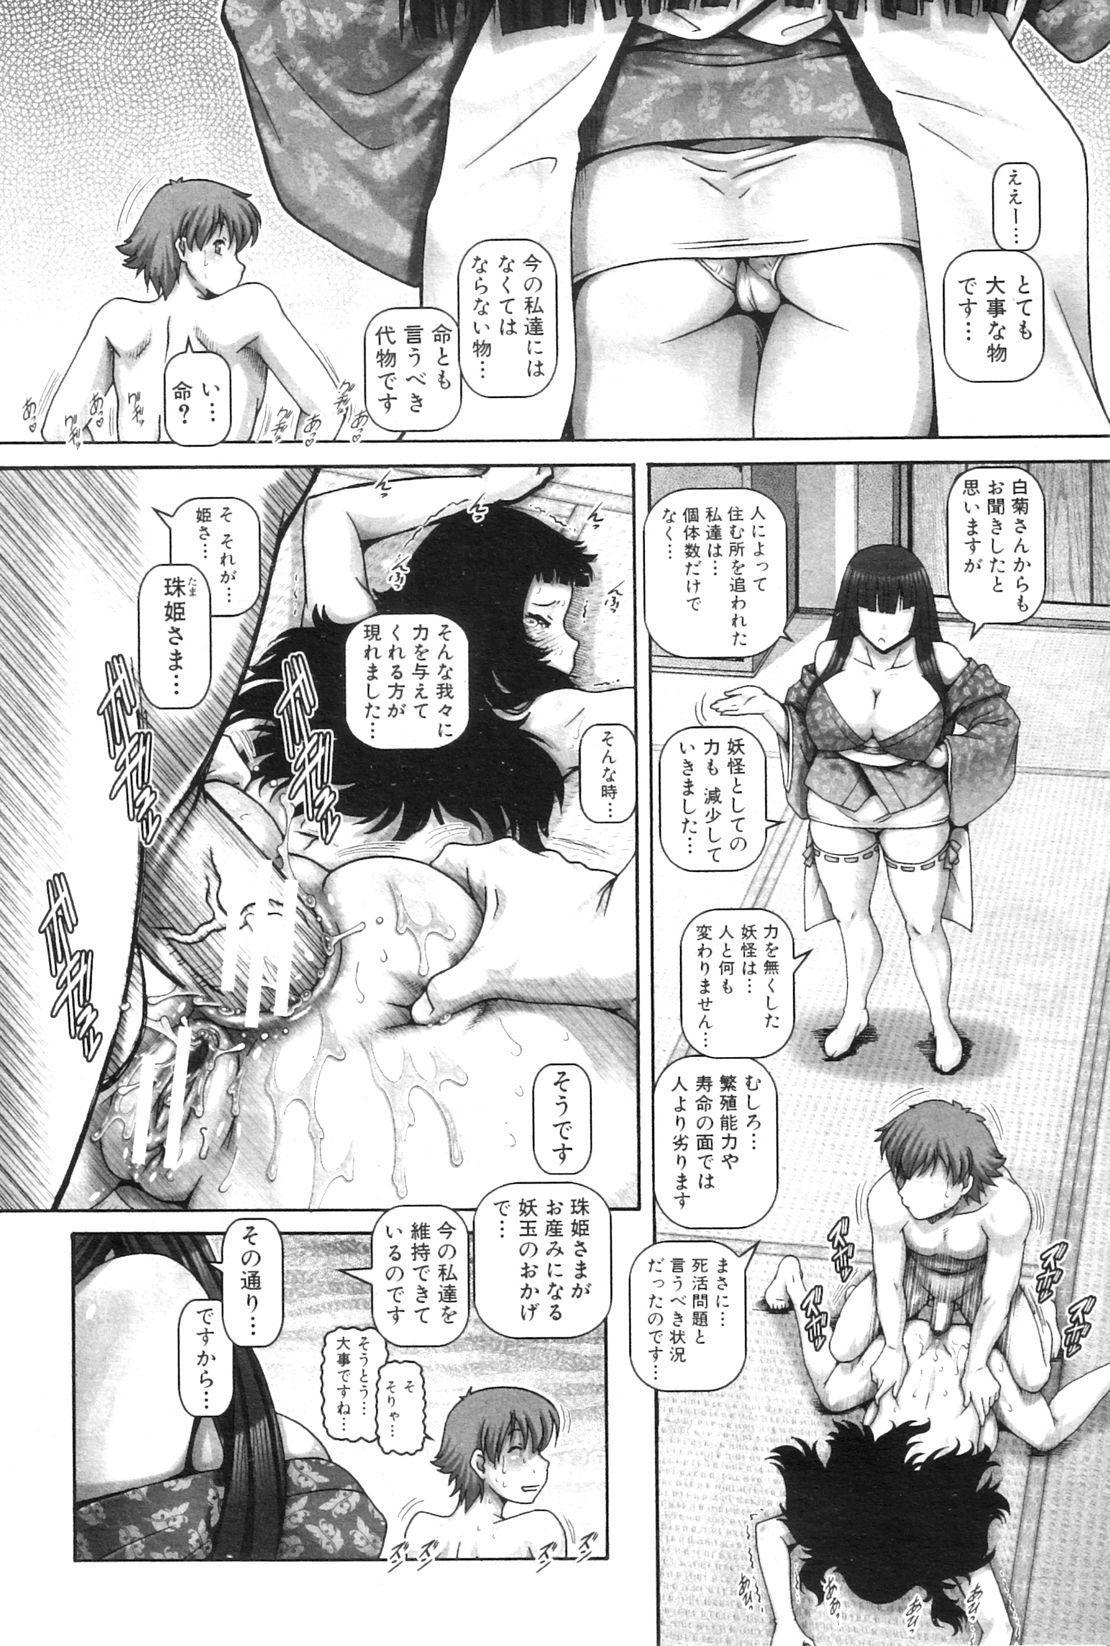 Ayakashiyakata no Tamahime 71